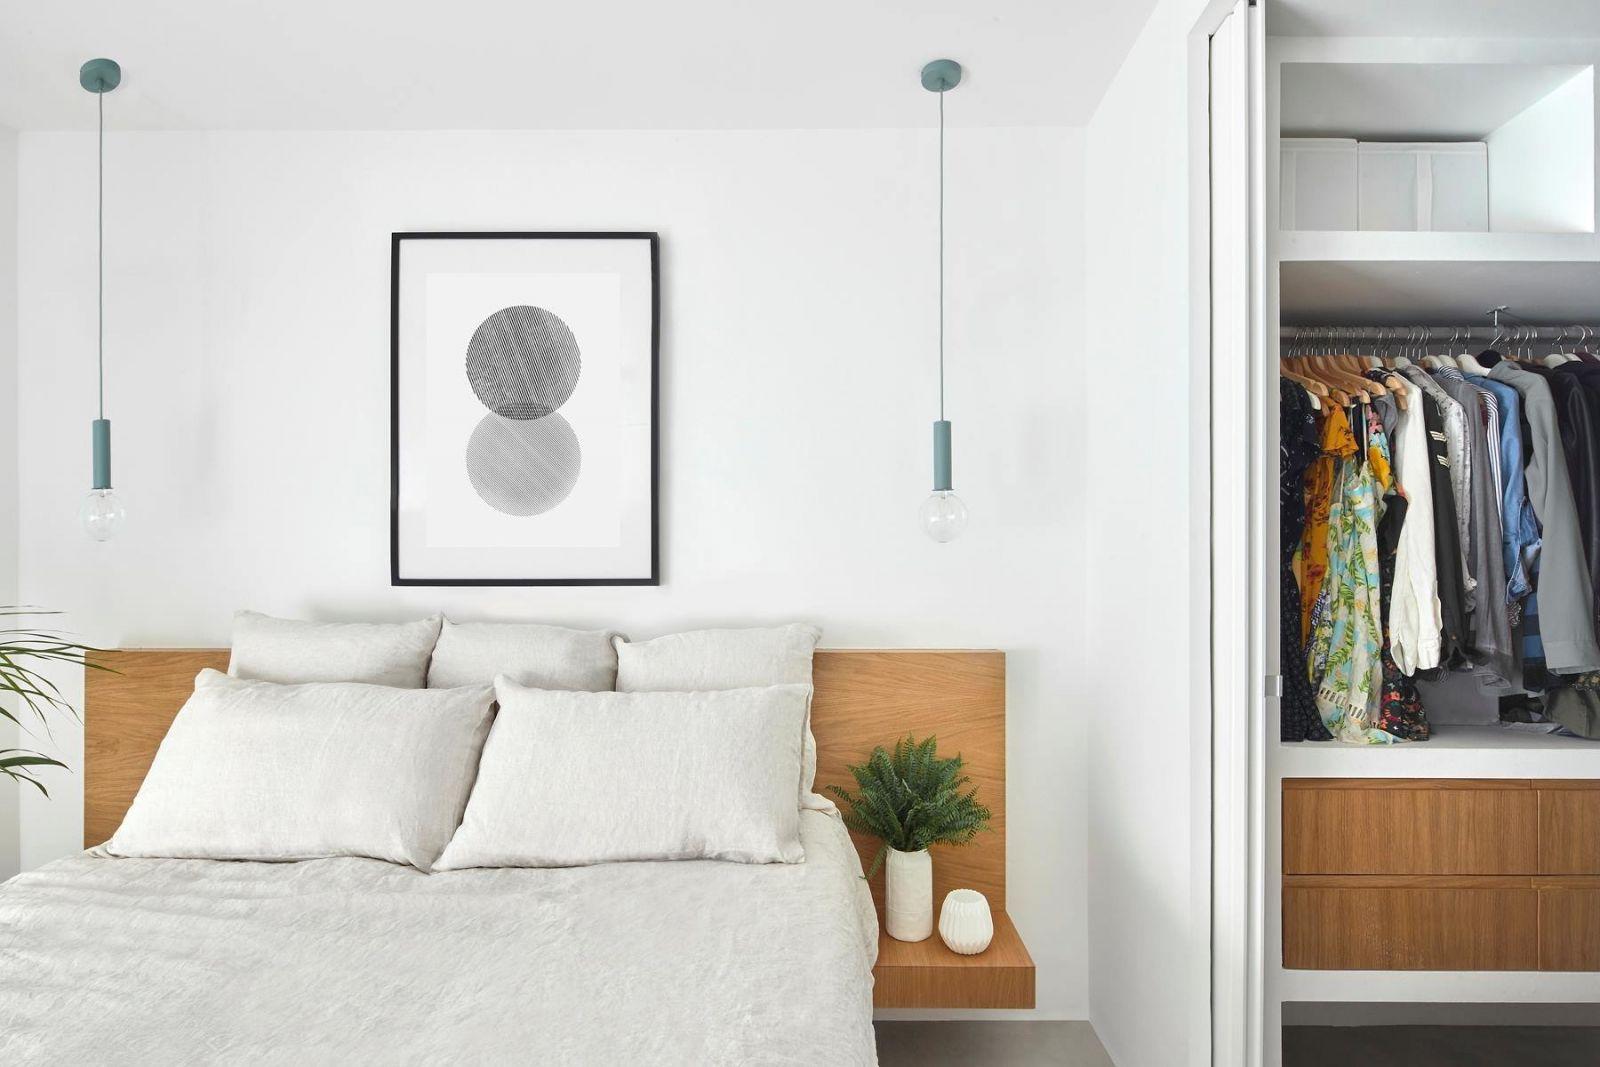 Спальня, совмещенная с гардеробной и ванной комнатой, является одним из самых удачных вариантов с точки зрения эргономики